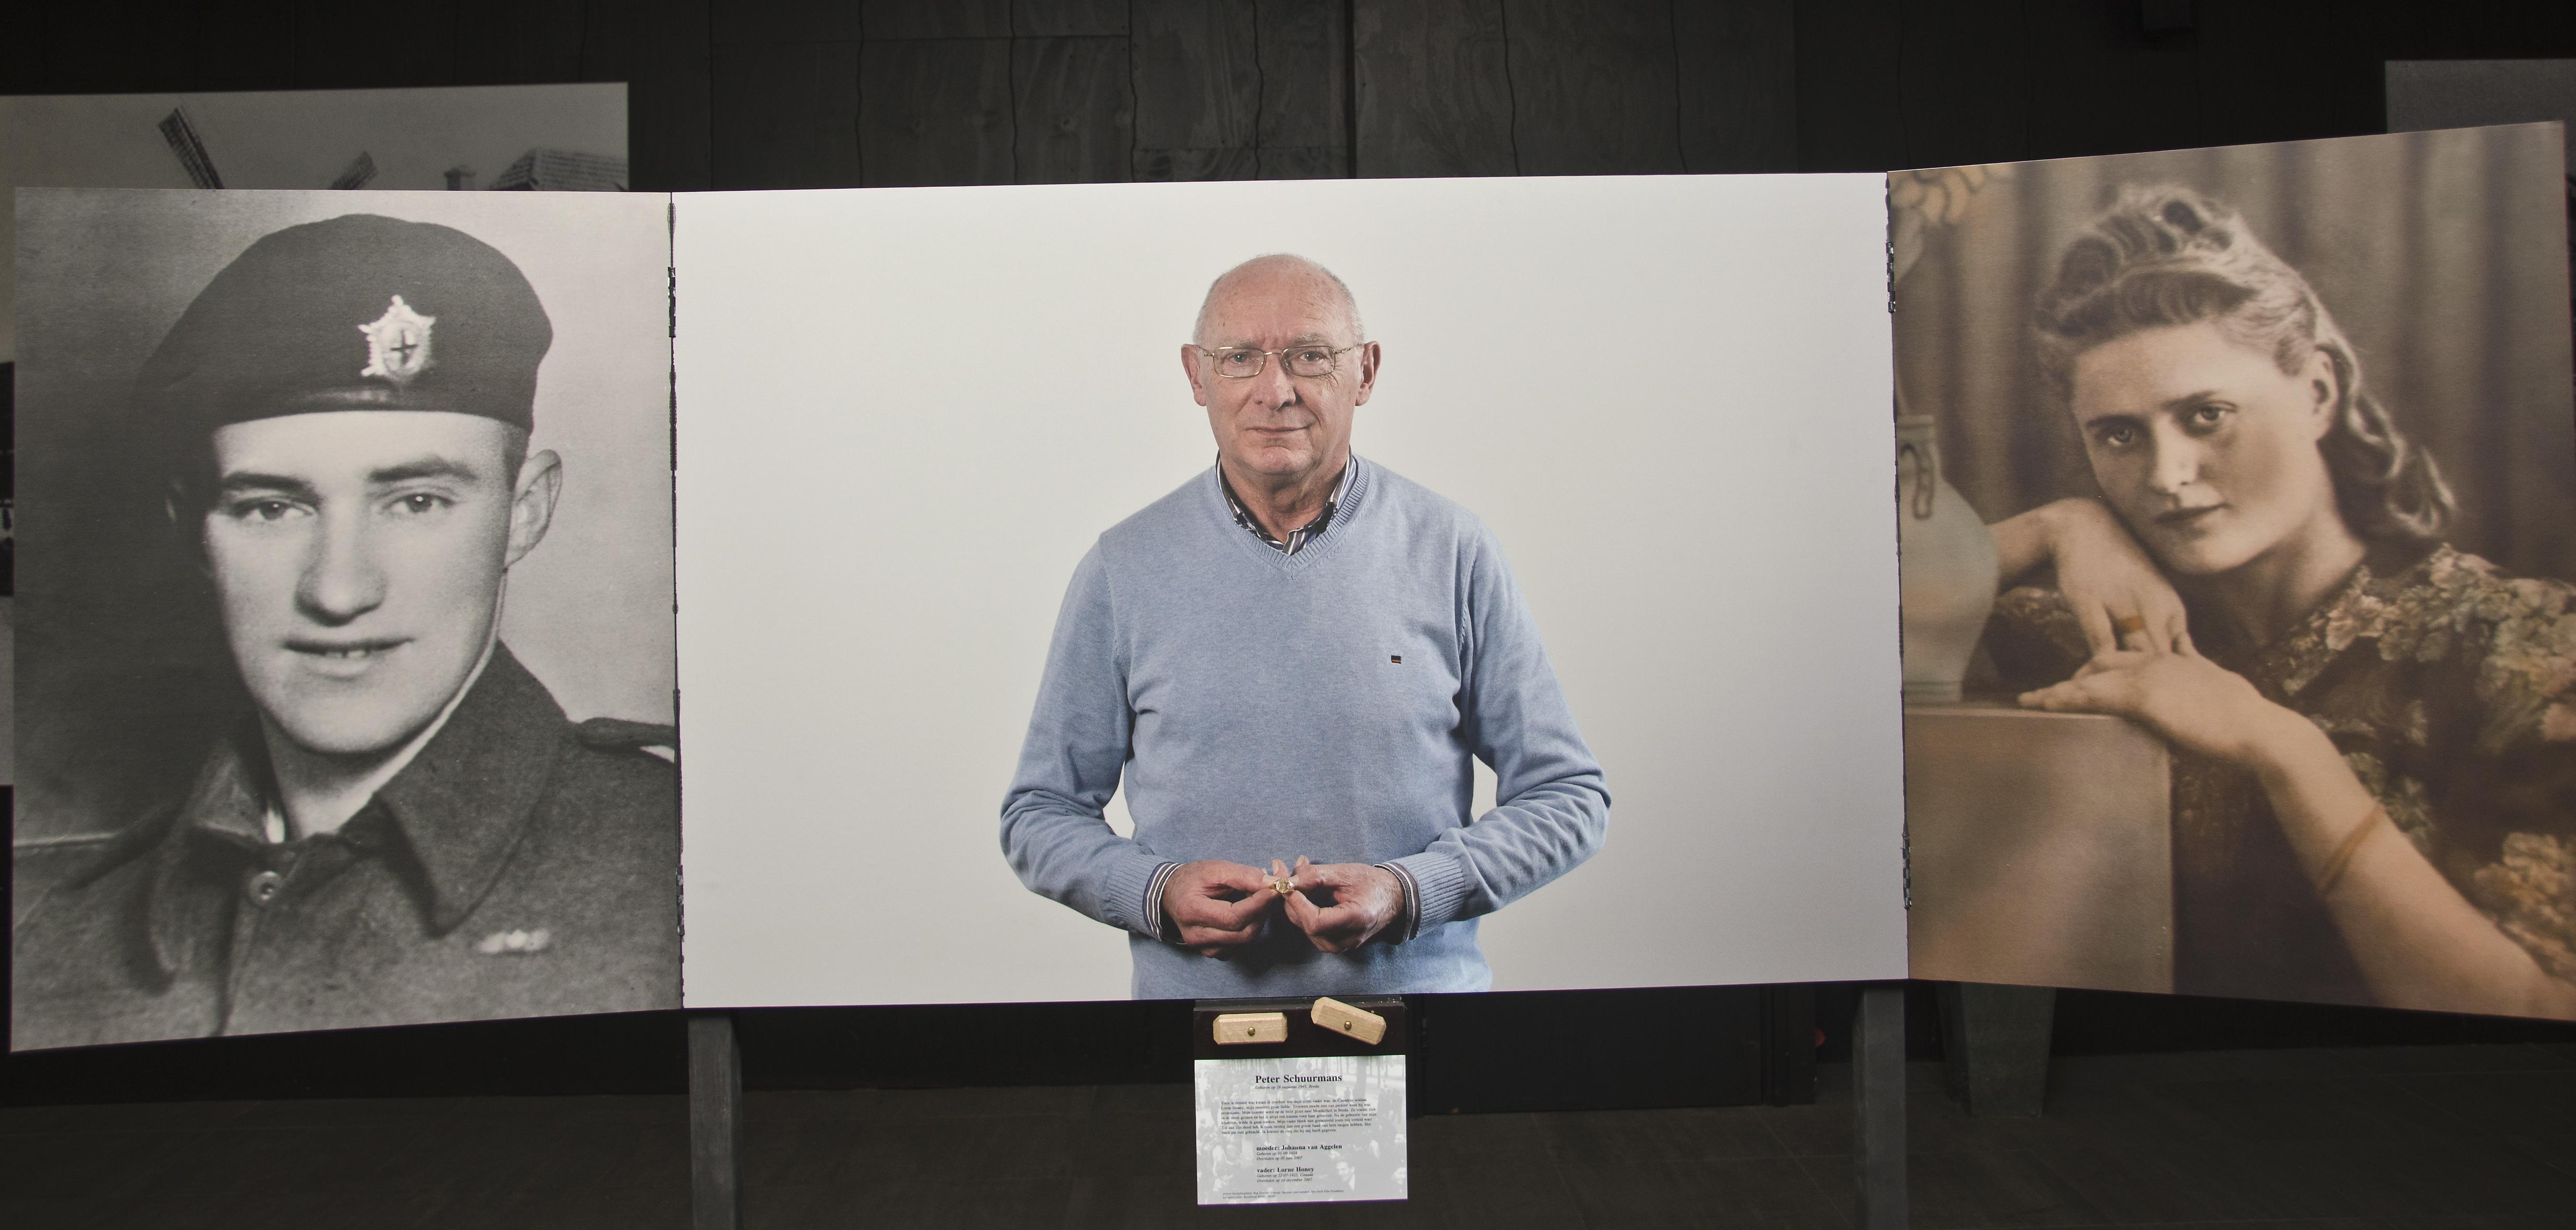 Peter Schuurmans